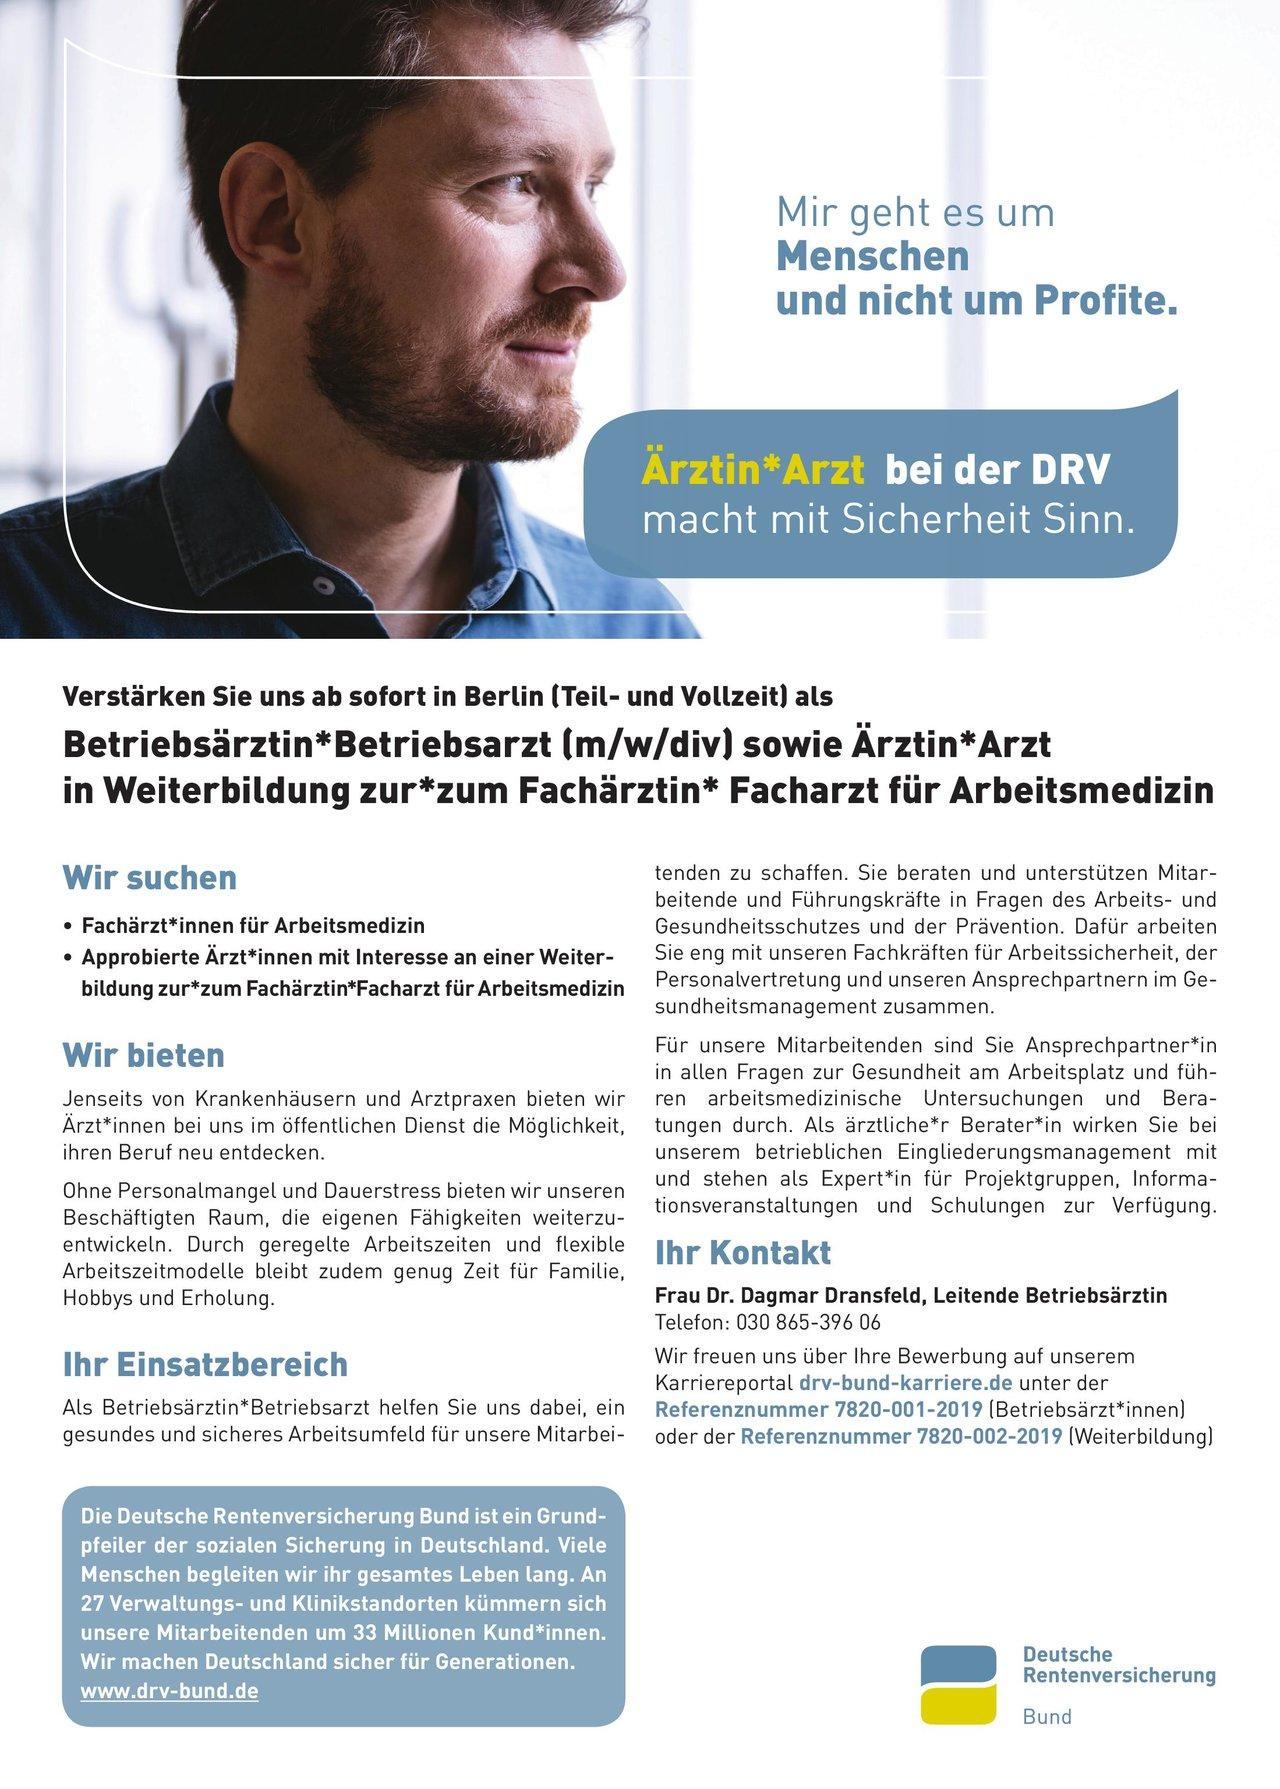 Deutsche Rentenversicherung Bund Betriebsärztin*Betriebsarzt (m/w/div) Arbeitsmedizin Arzt / Facharzt